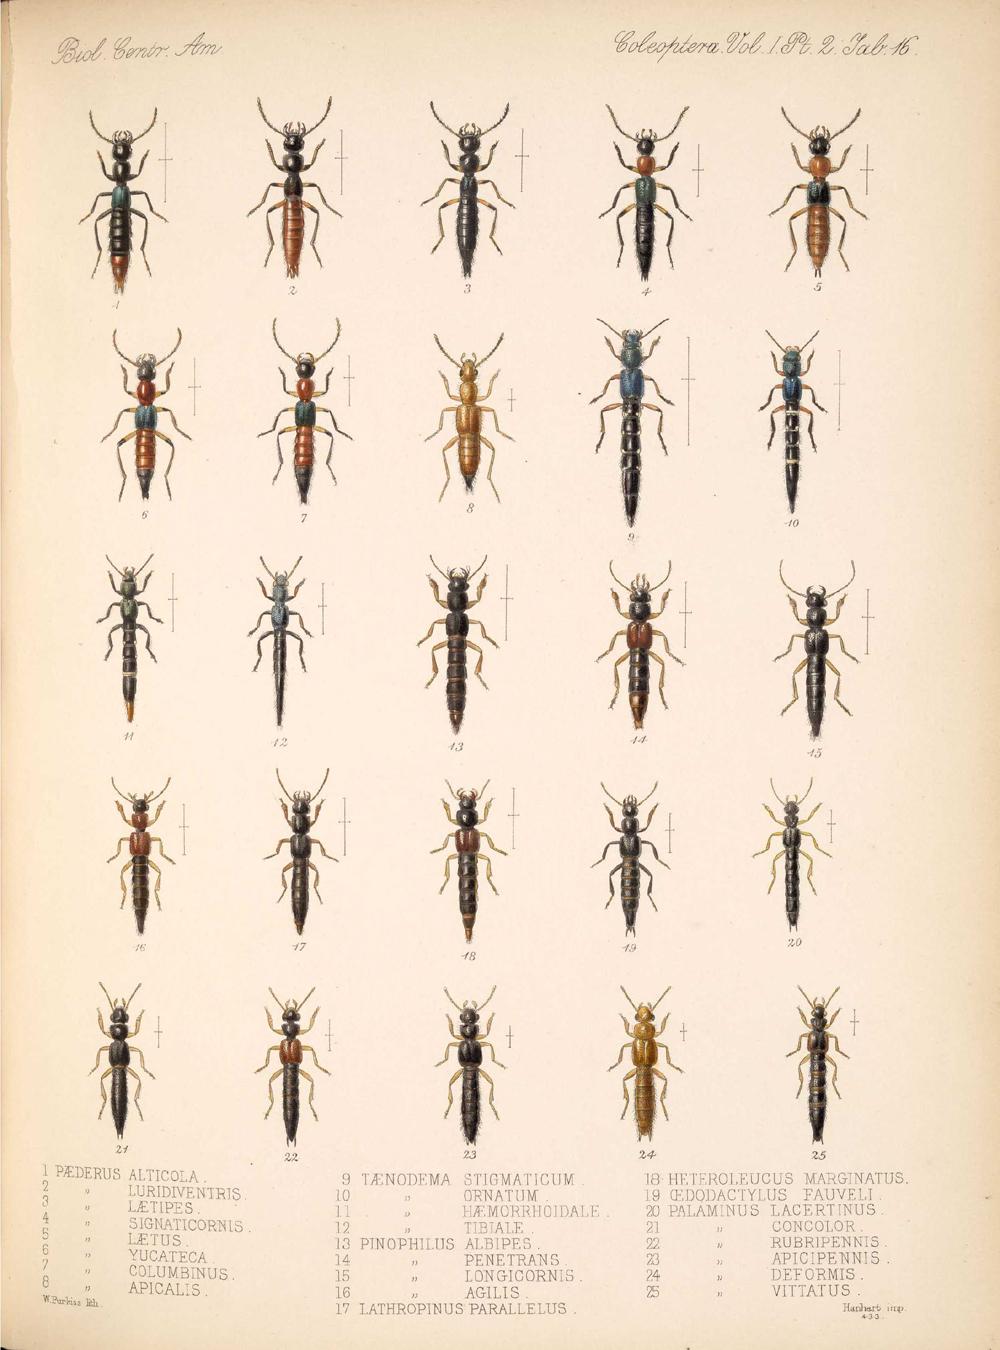 Beetles,  Image number:bca_12_01_02_862